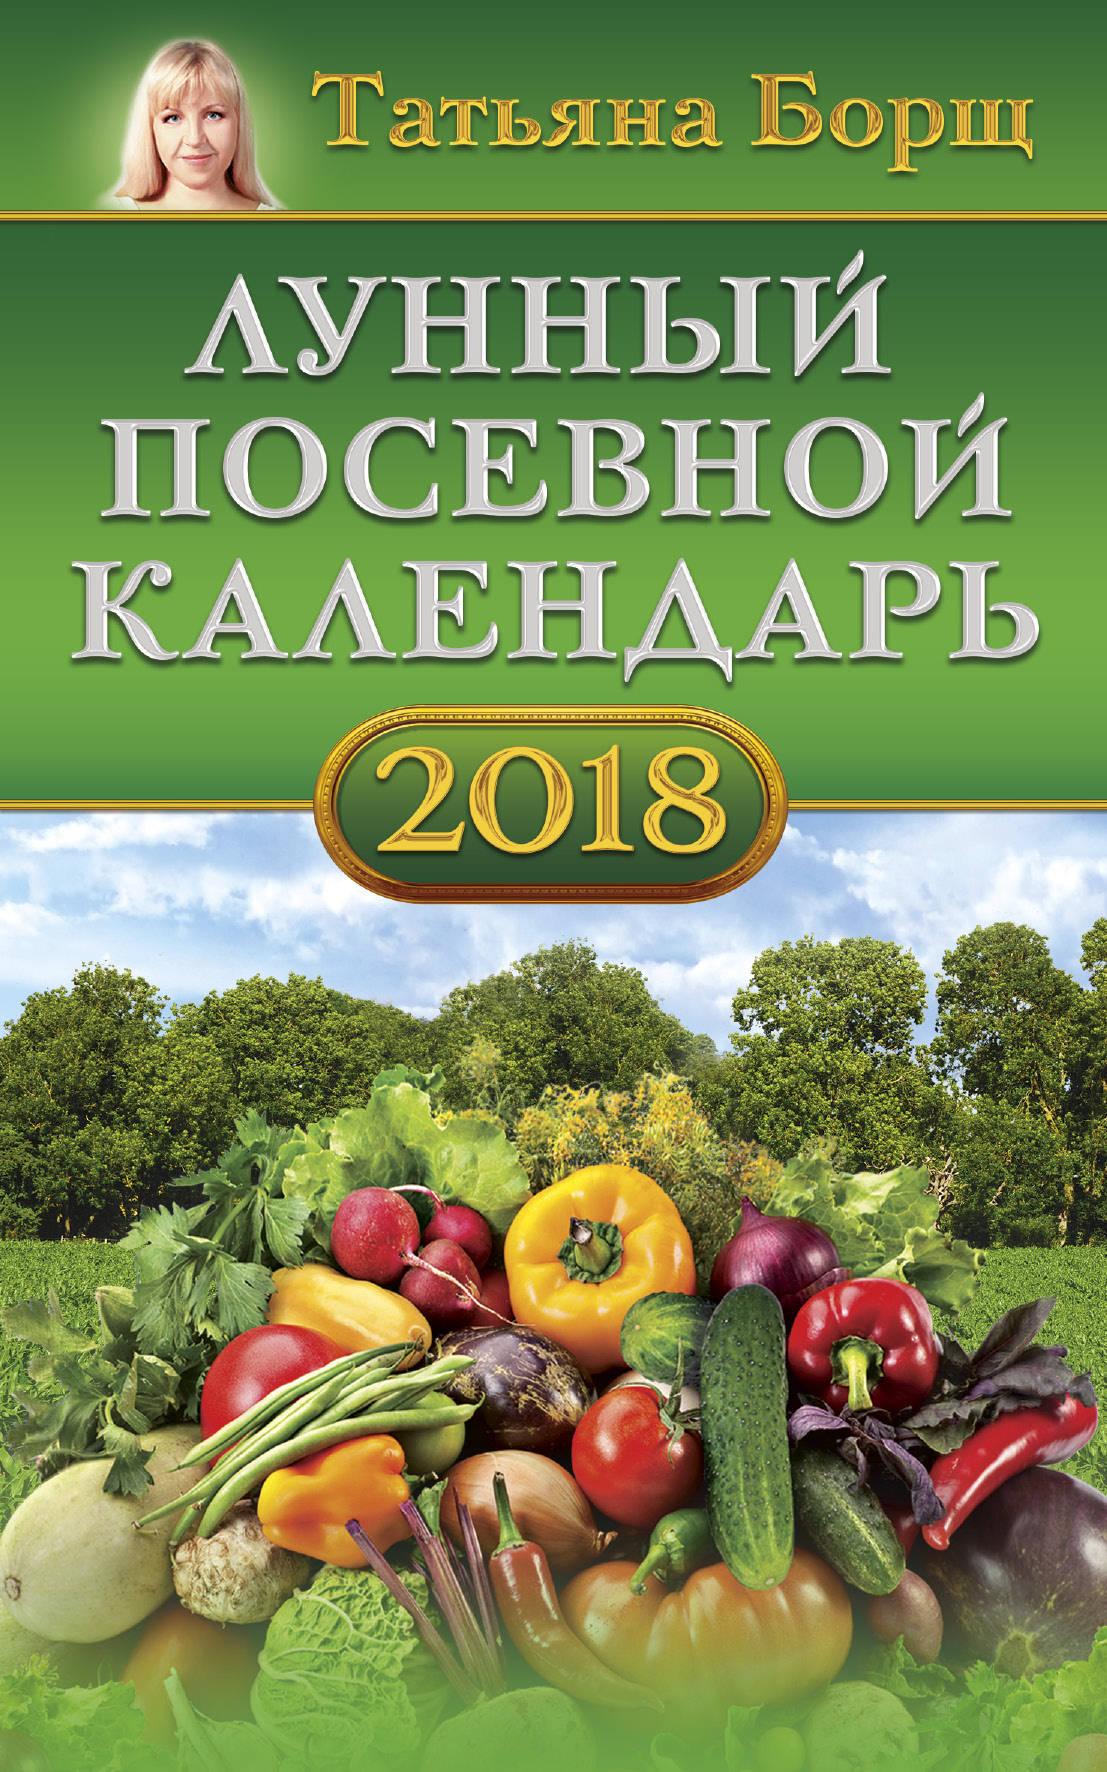 Татьяна Борщ Лунный посевной календарь на 2018 год тамоников а холодный свет луны